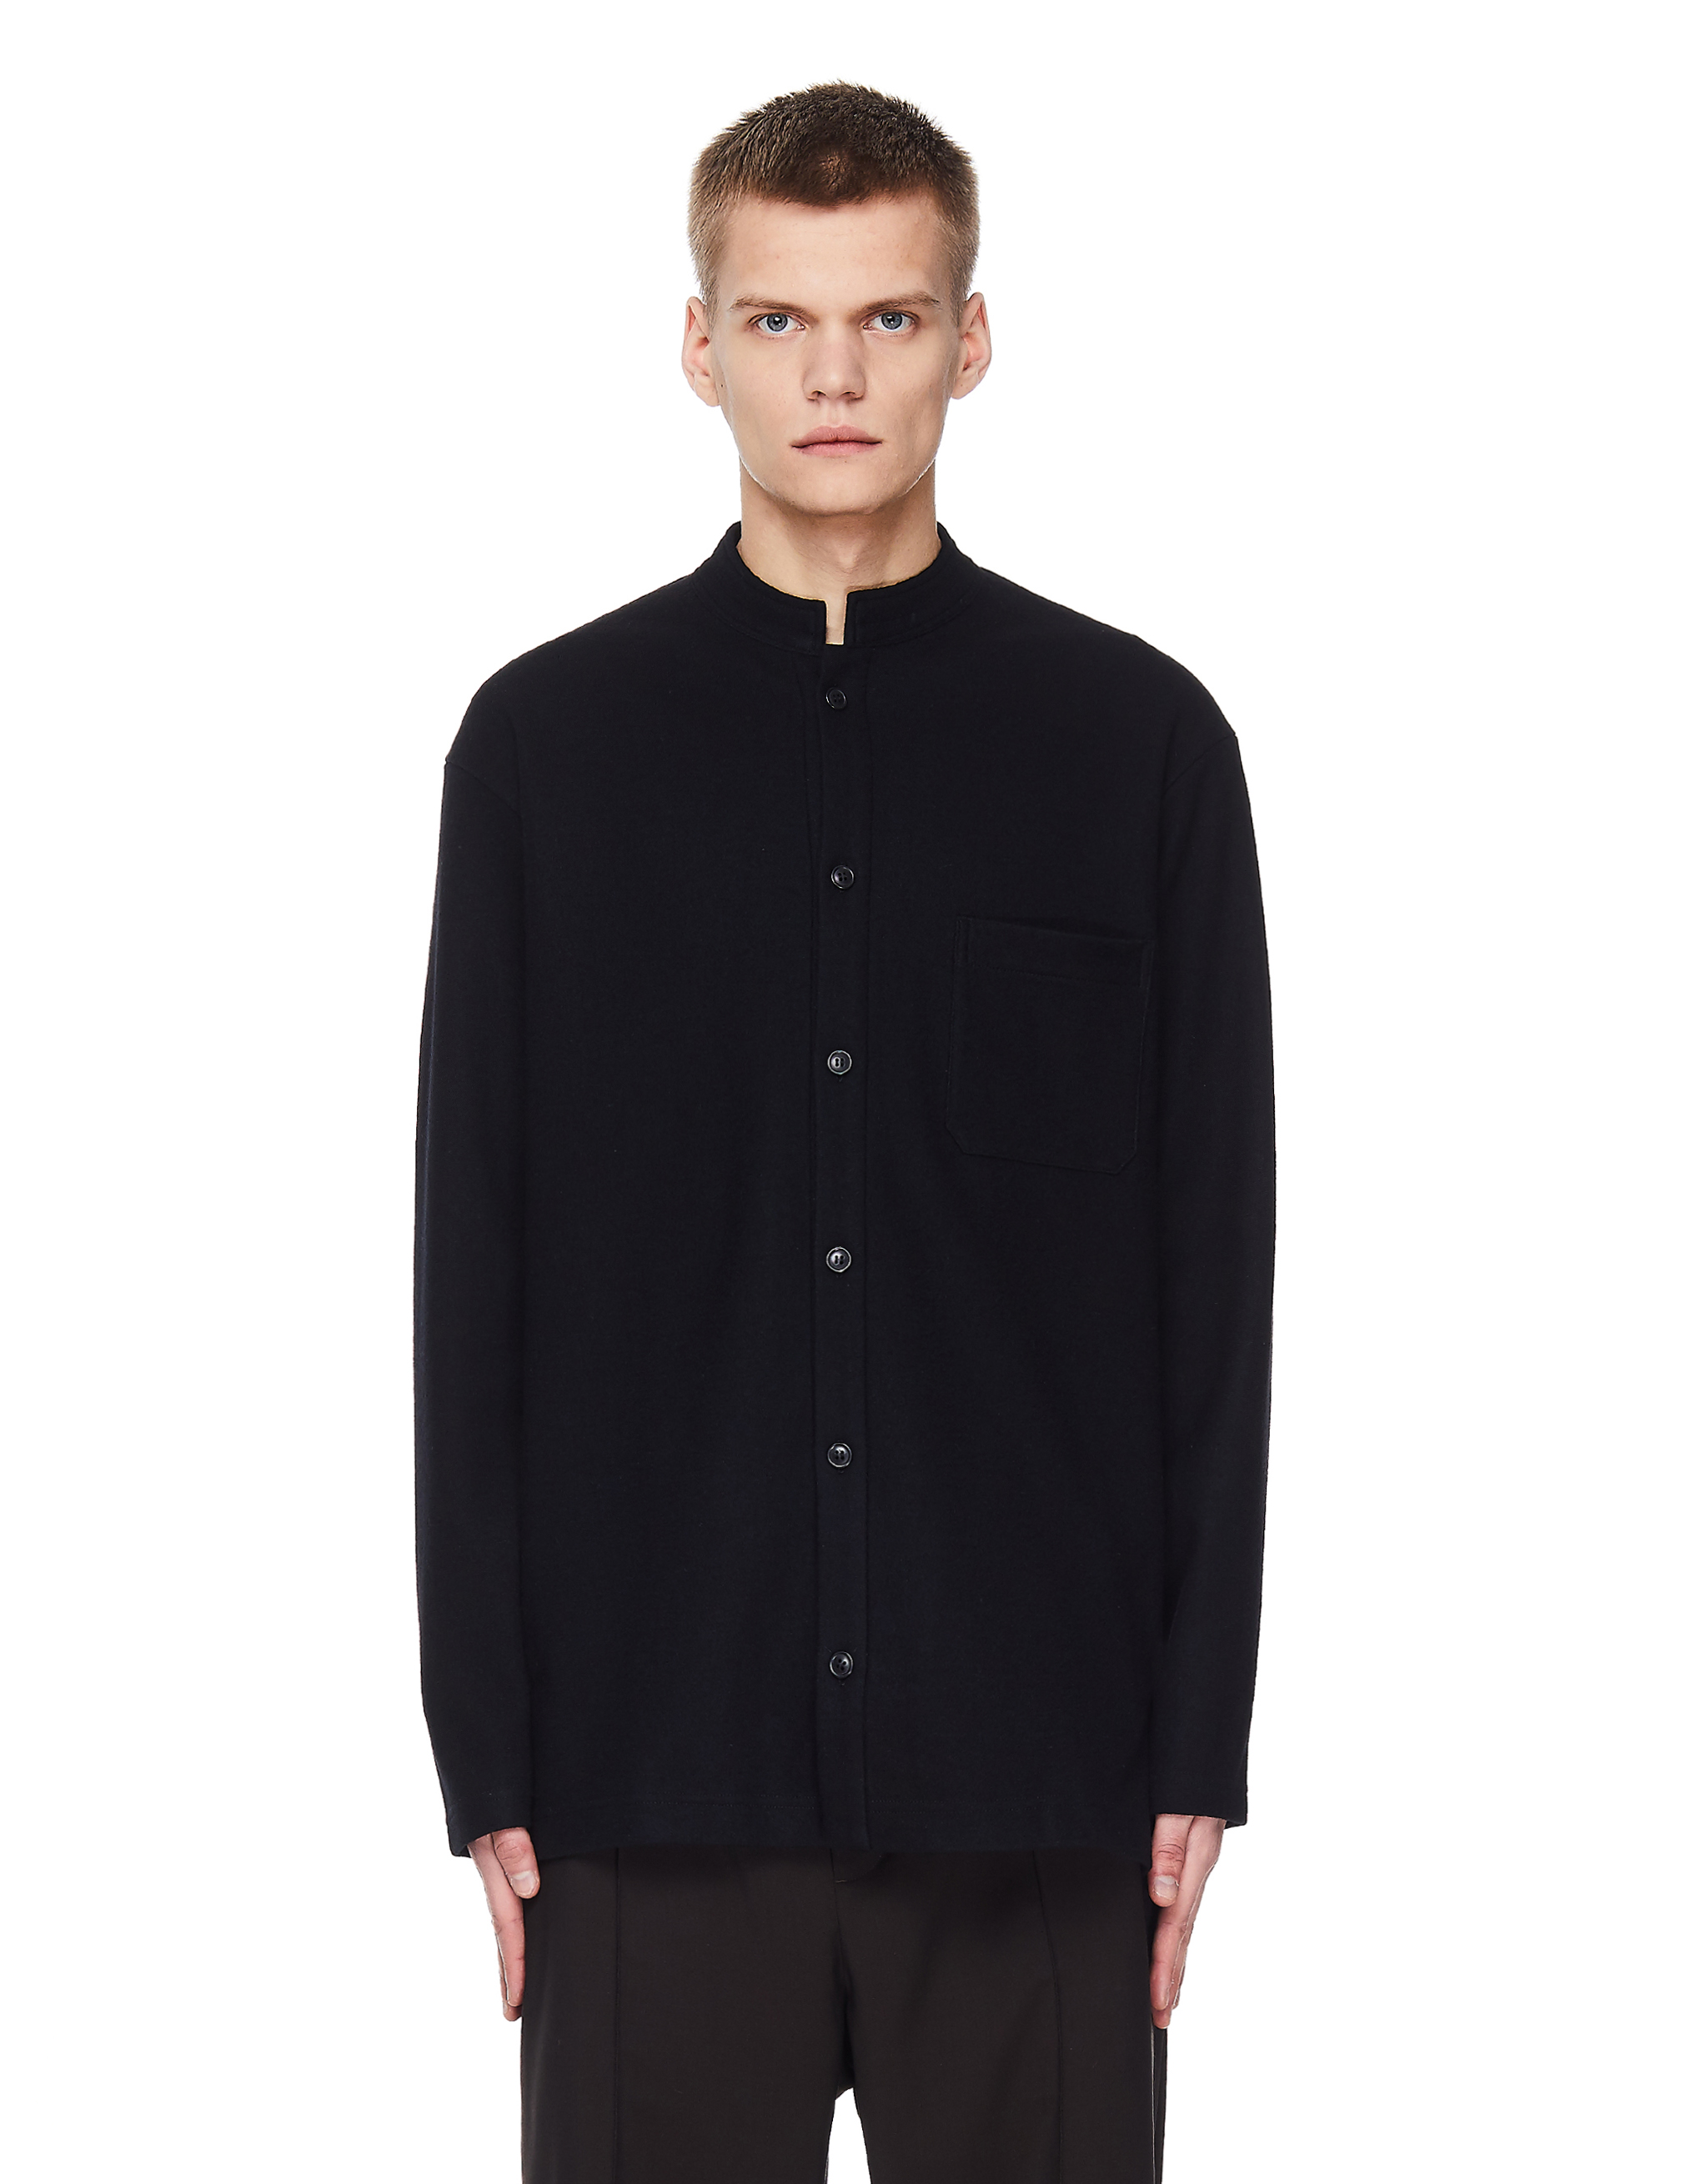 Yohji Yamamoto Black Wool Shirt